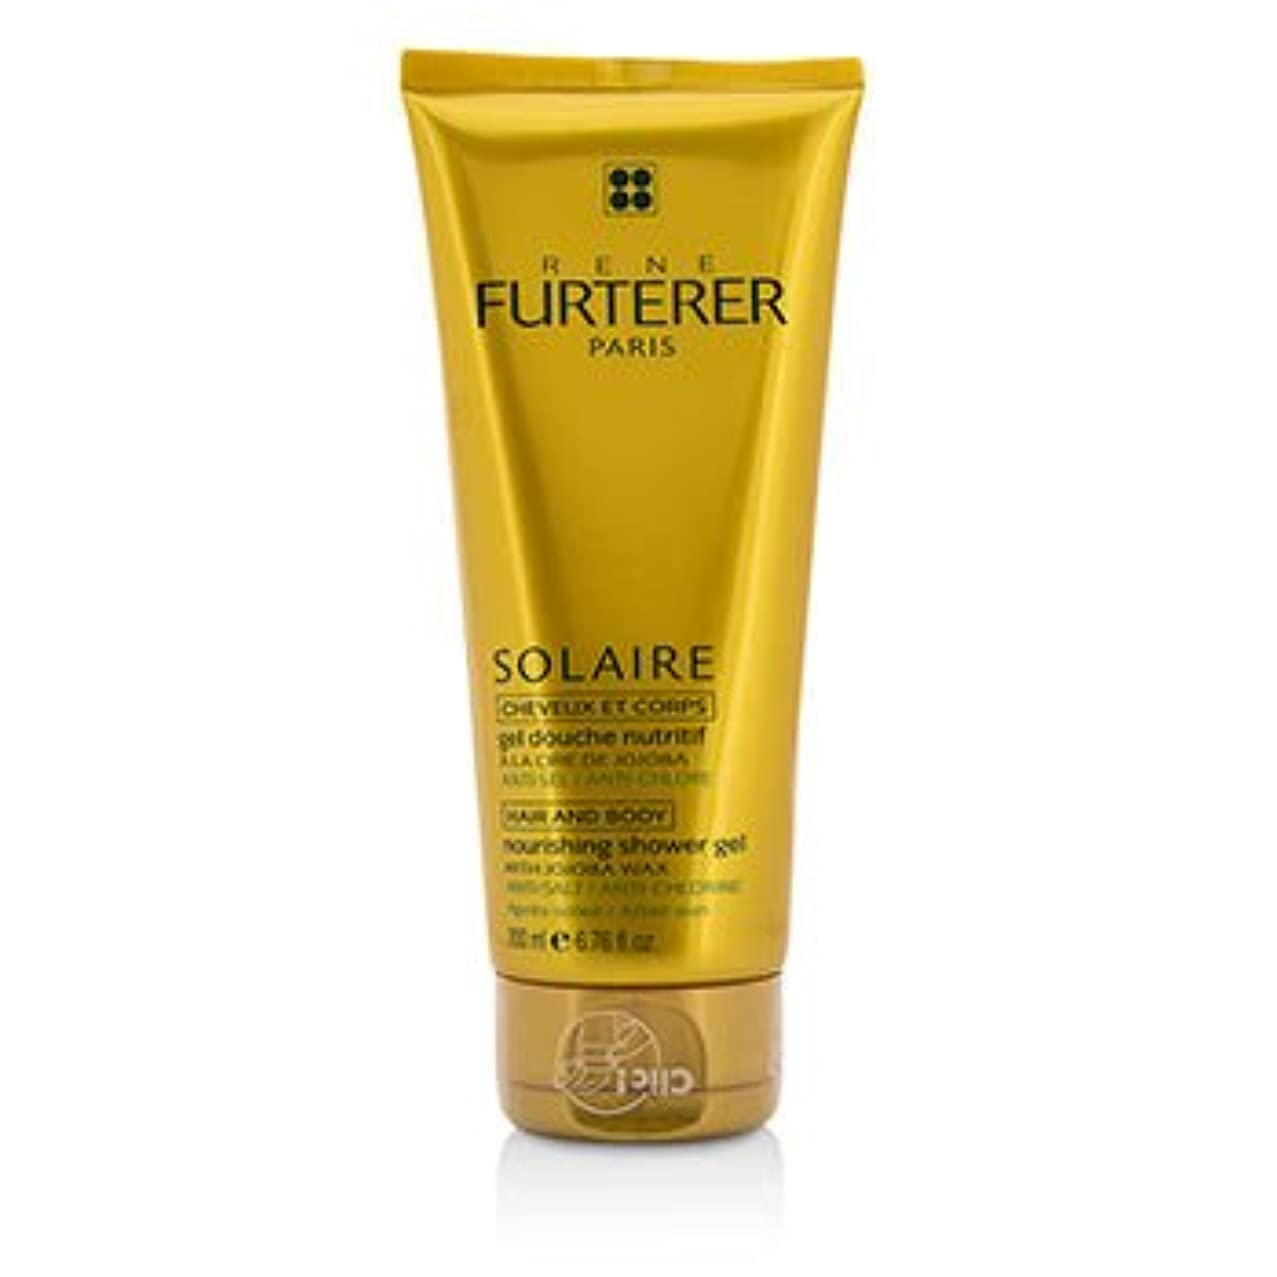 うまくやる()急降下静けさ[Rene Furterer] Solaire Nourishing Shower Gel with Jojoba Wax (Hair and Body) 200ml/6.76oz